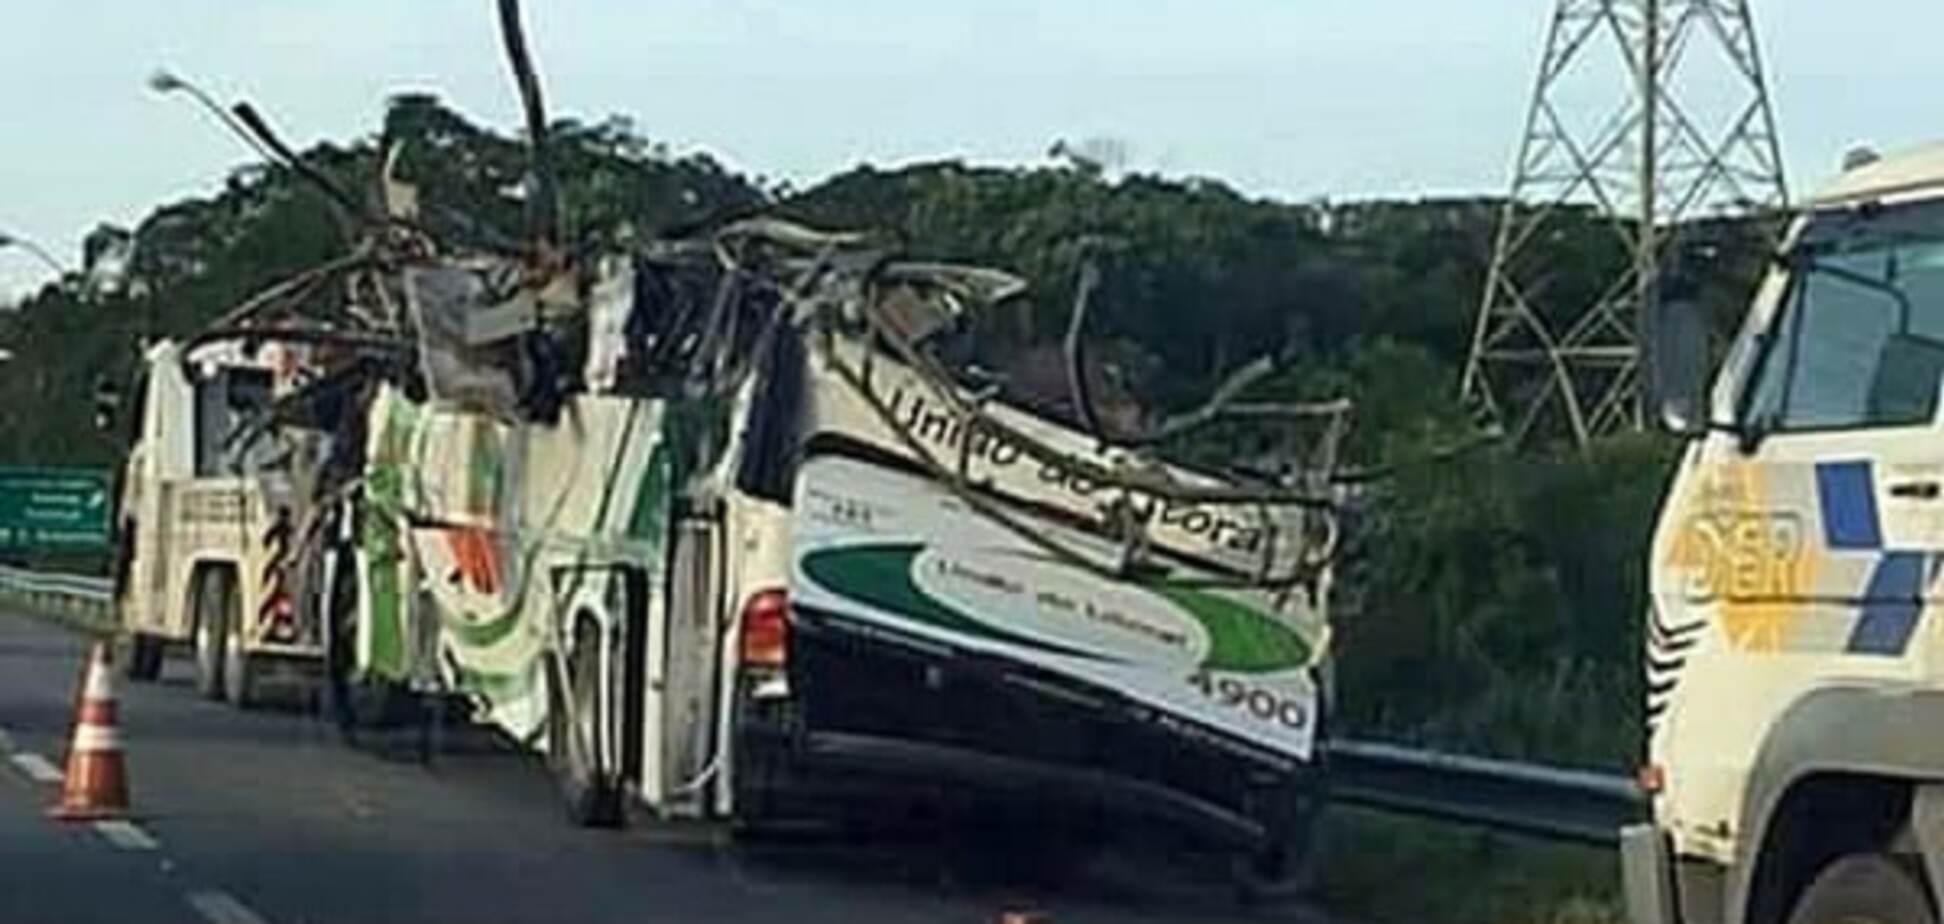 Аварія автобуса в Бразилії